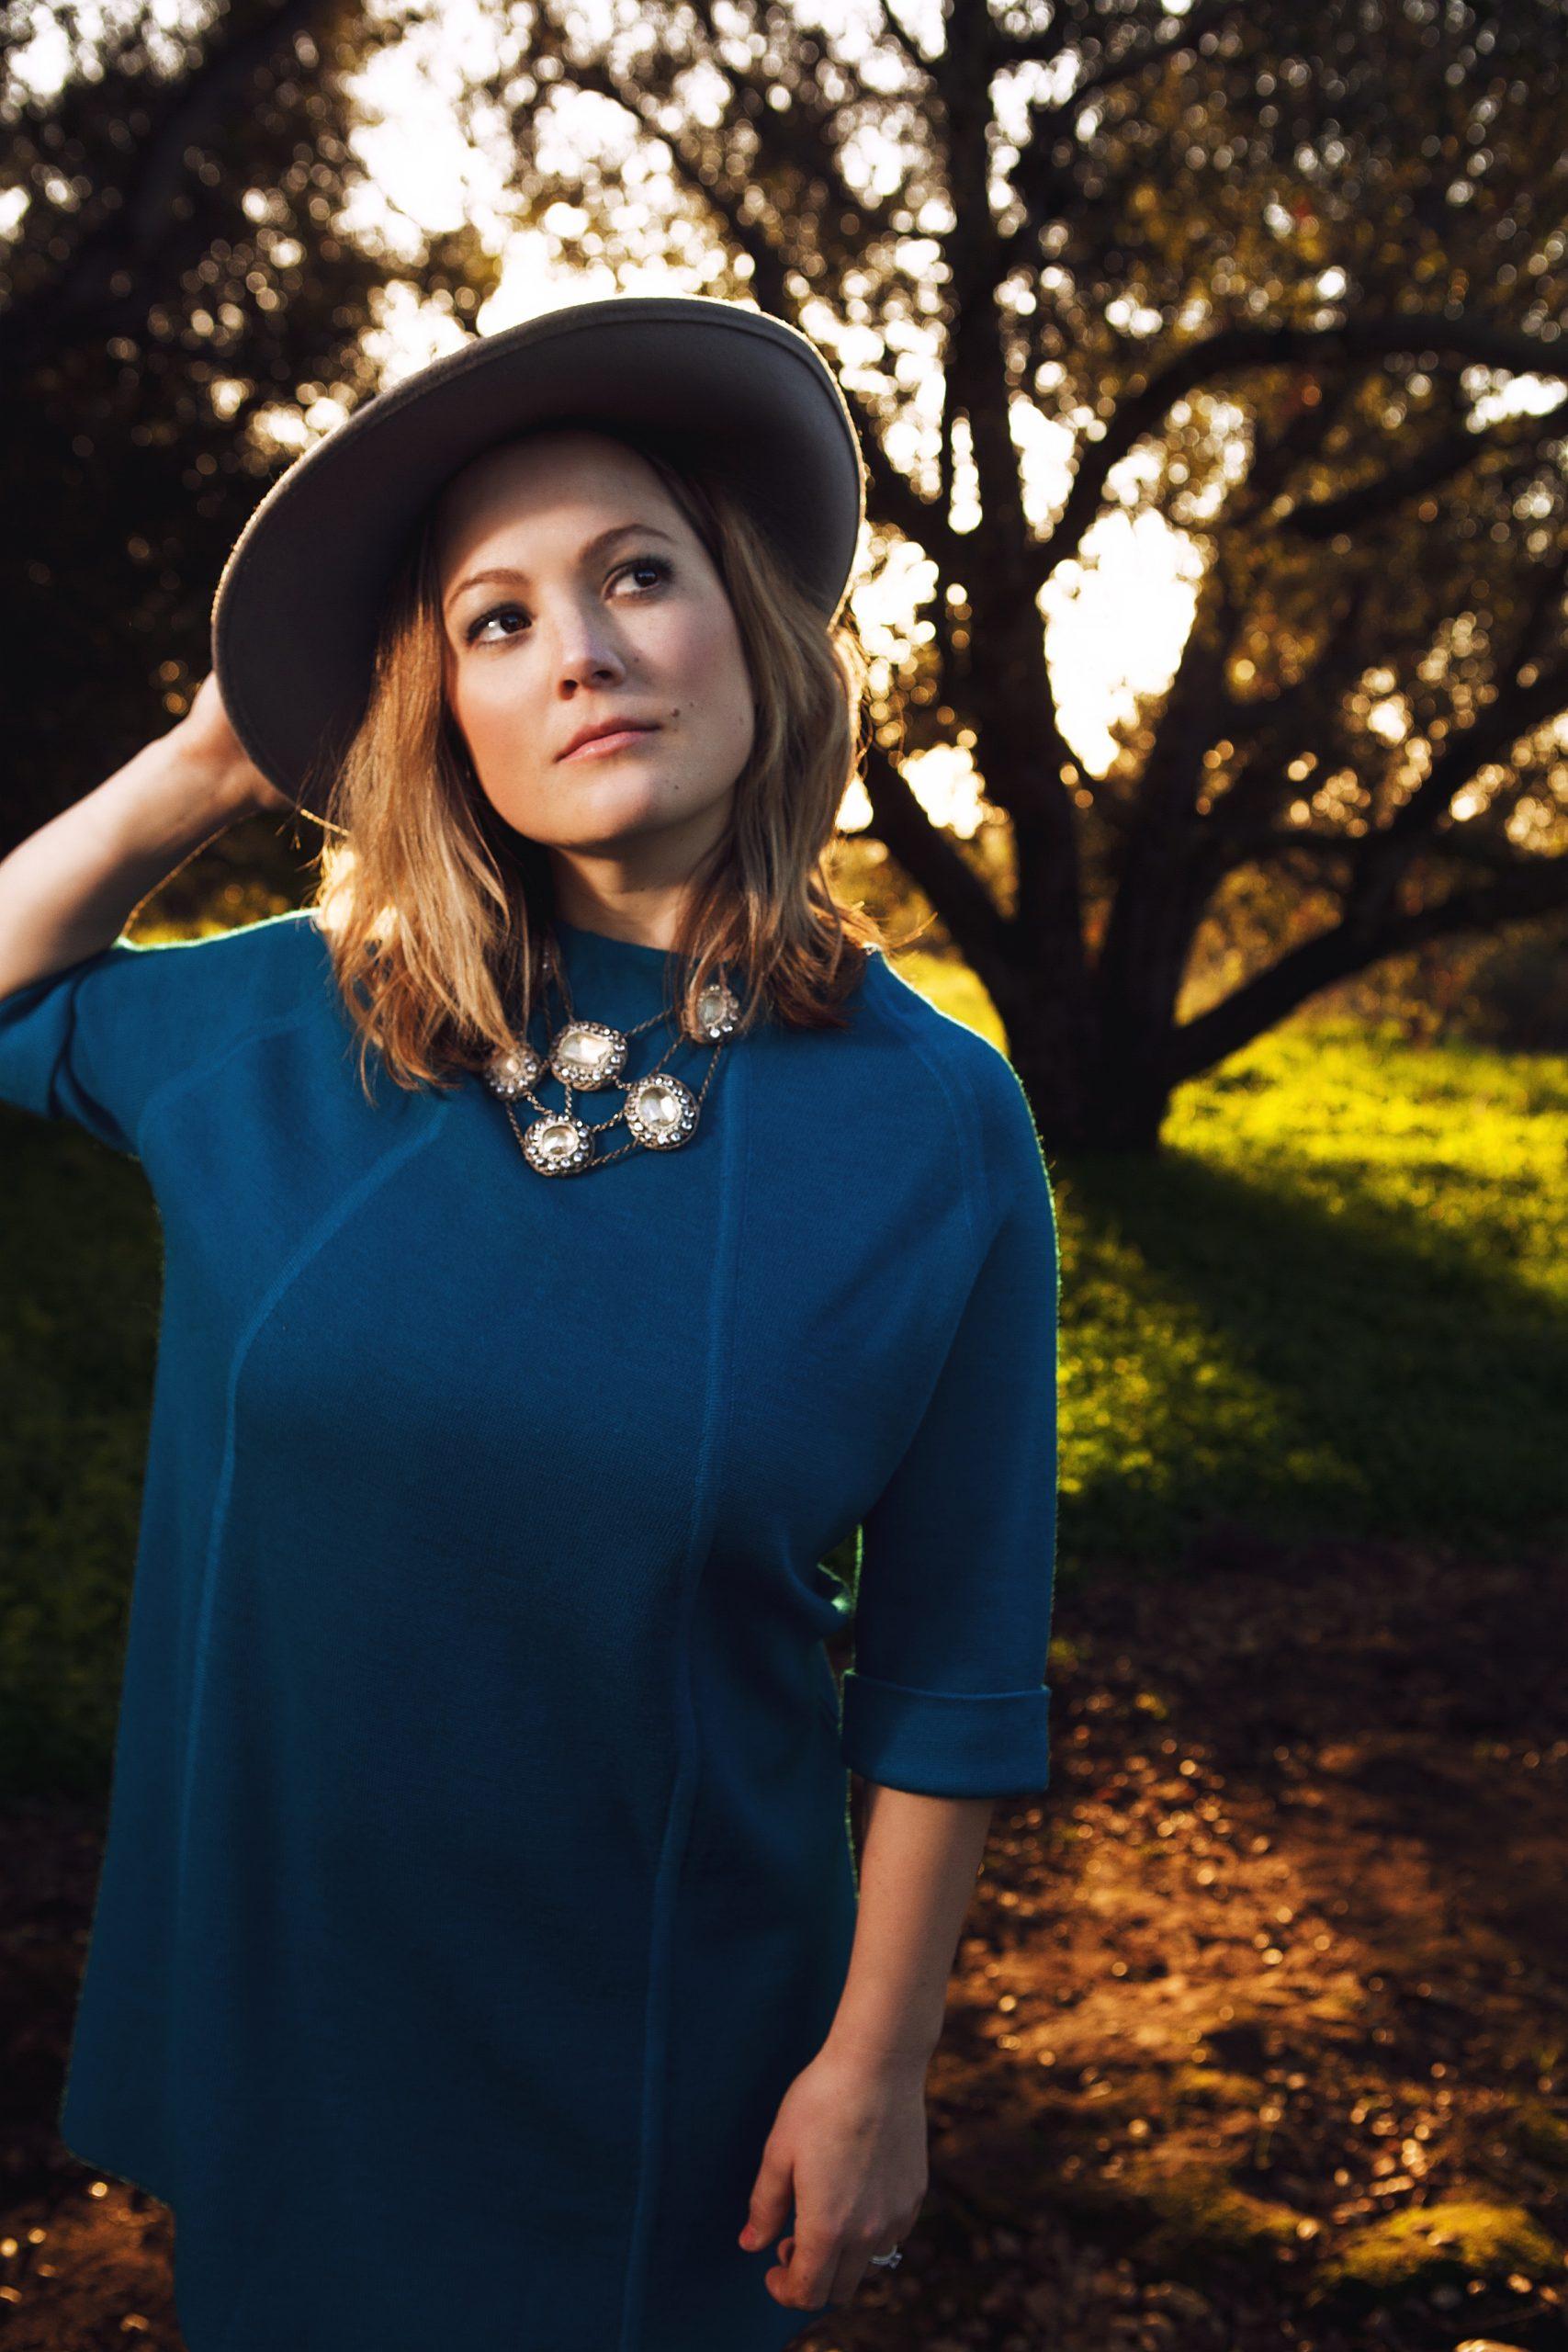 MIXTAPE: Sara Watkins